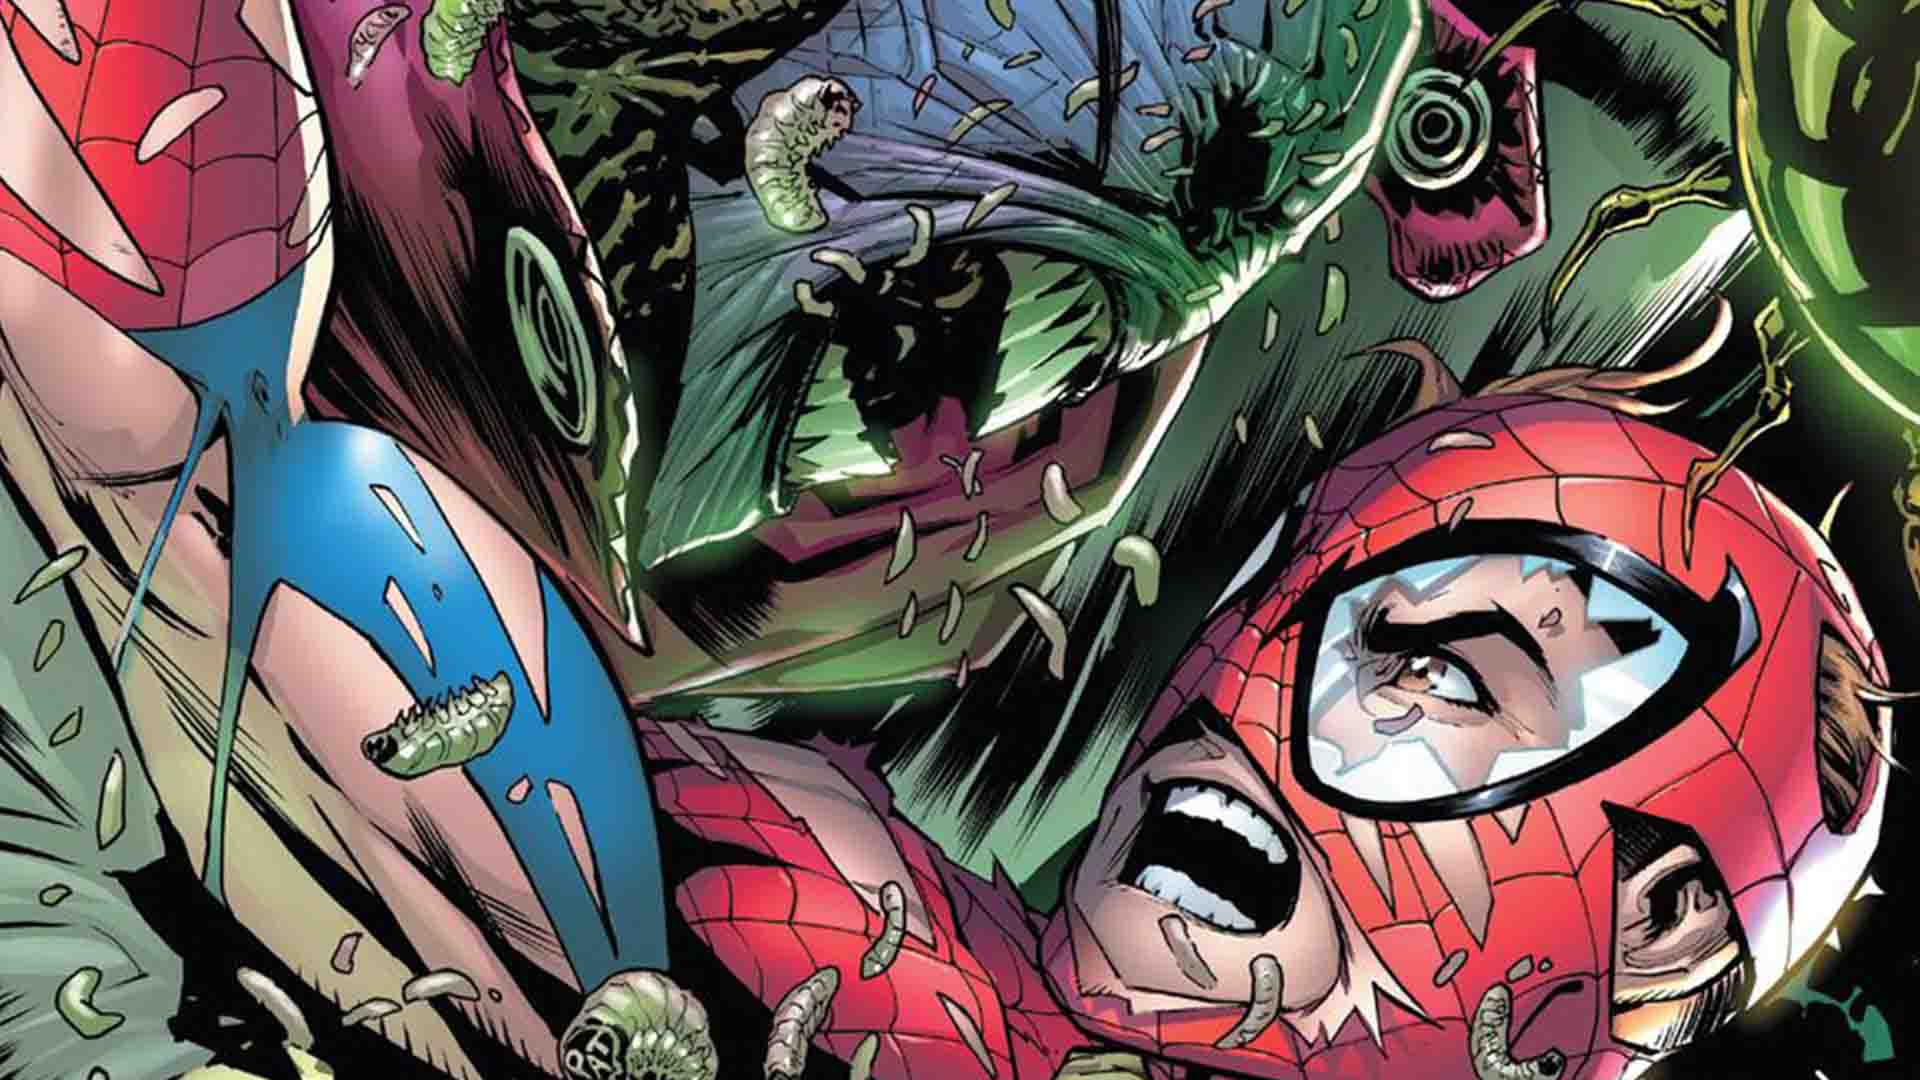 پشت کردن مرد عنکبوتی به دوست قدیمیاش در قسمت جدید The Amazing Spider-Man